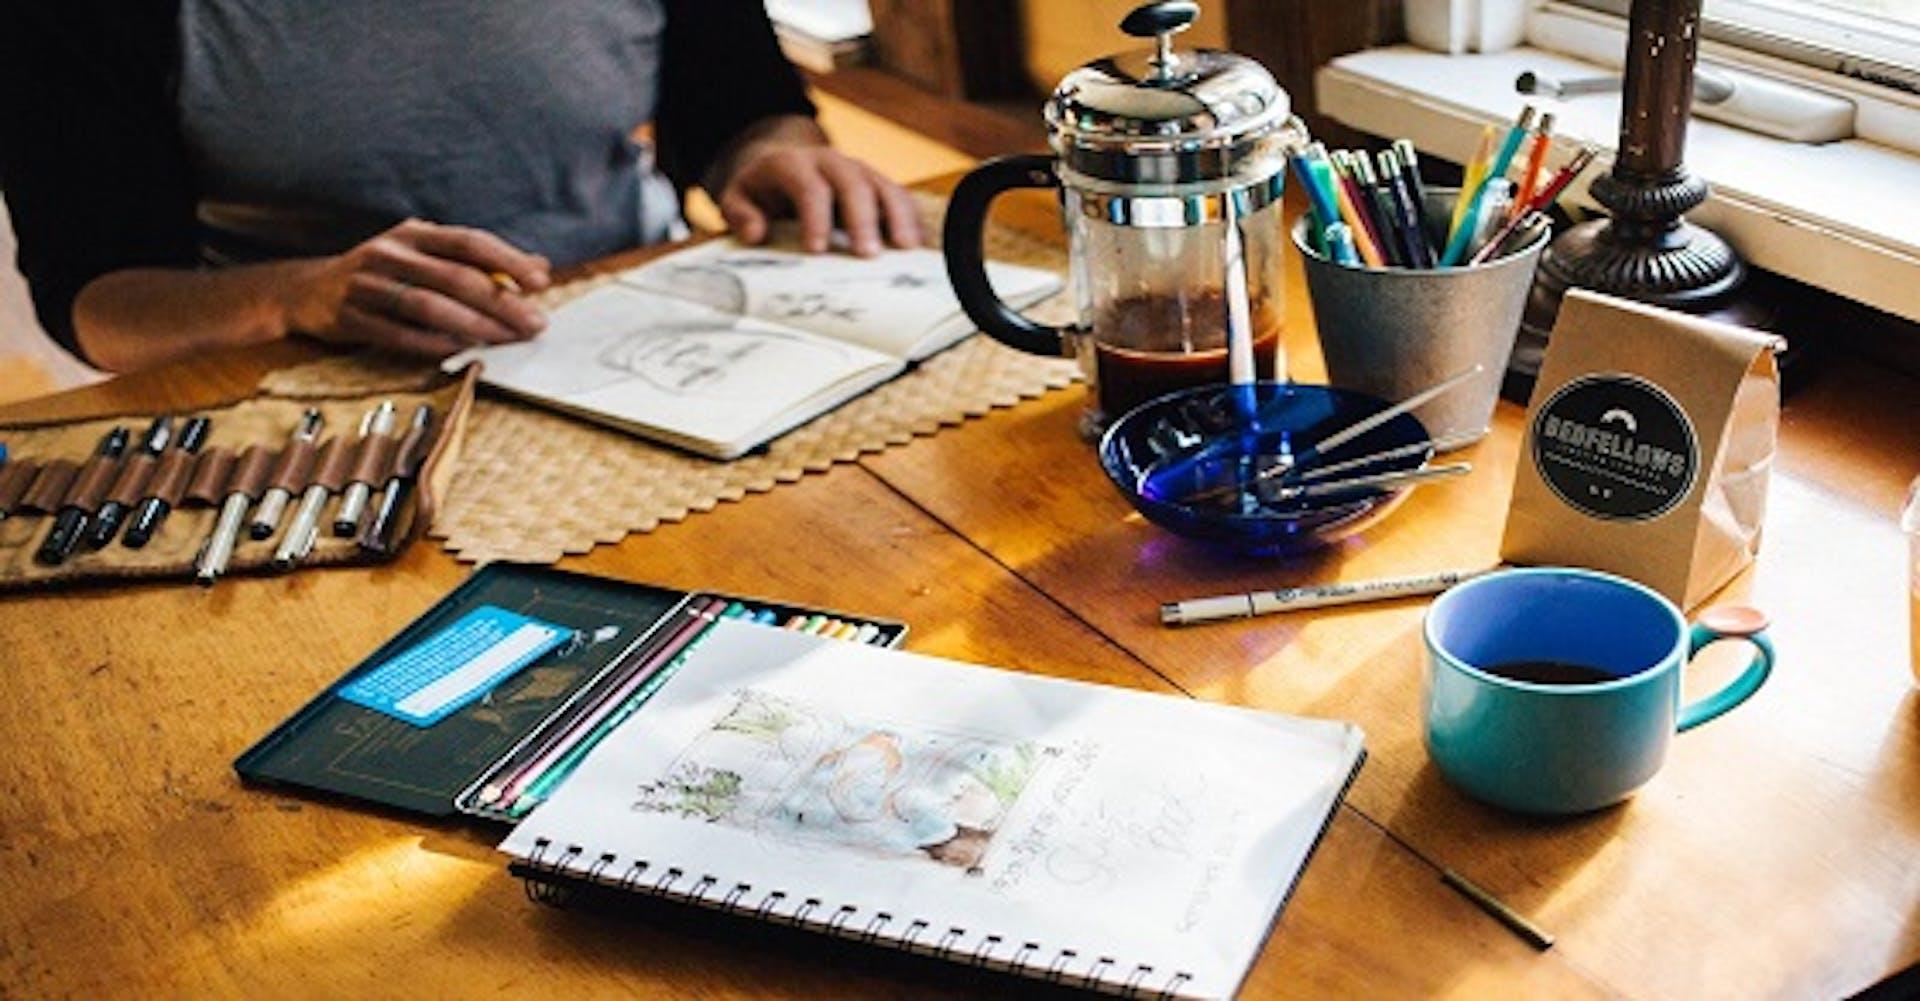 ¿Qué es un boceto? Descubre cómo convertirte en un gran artista